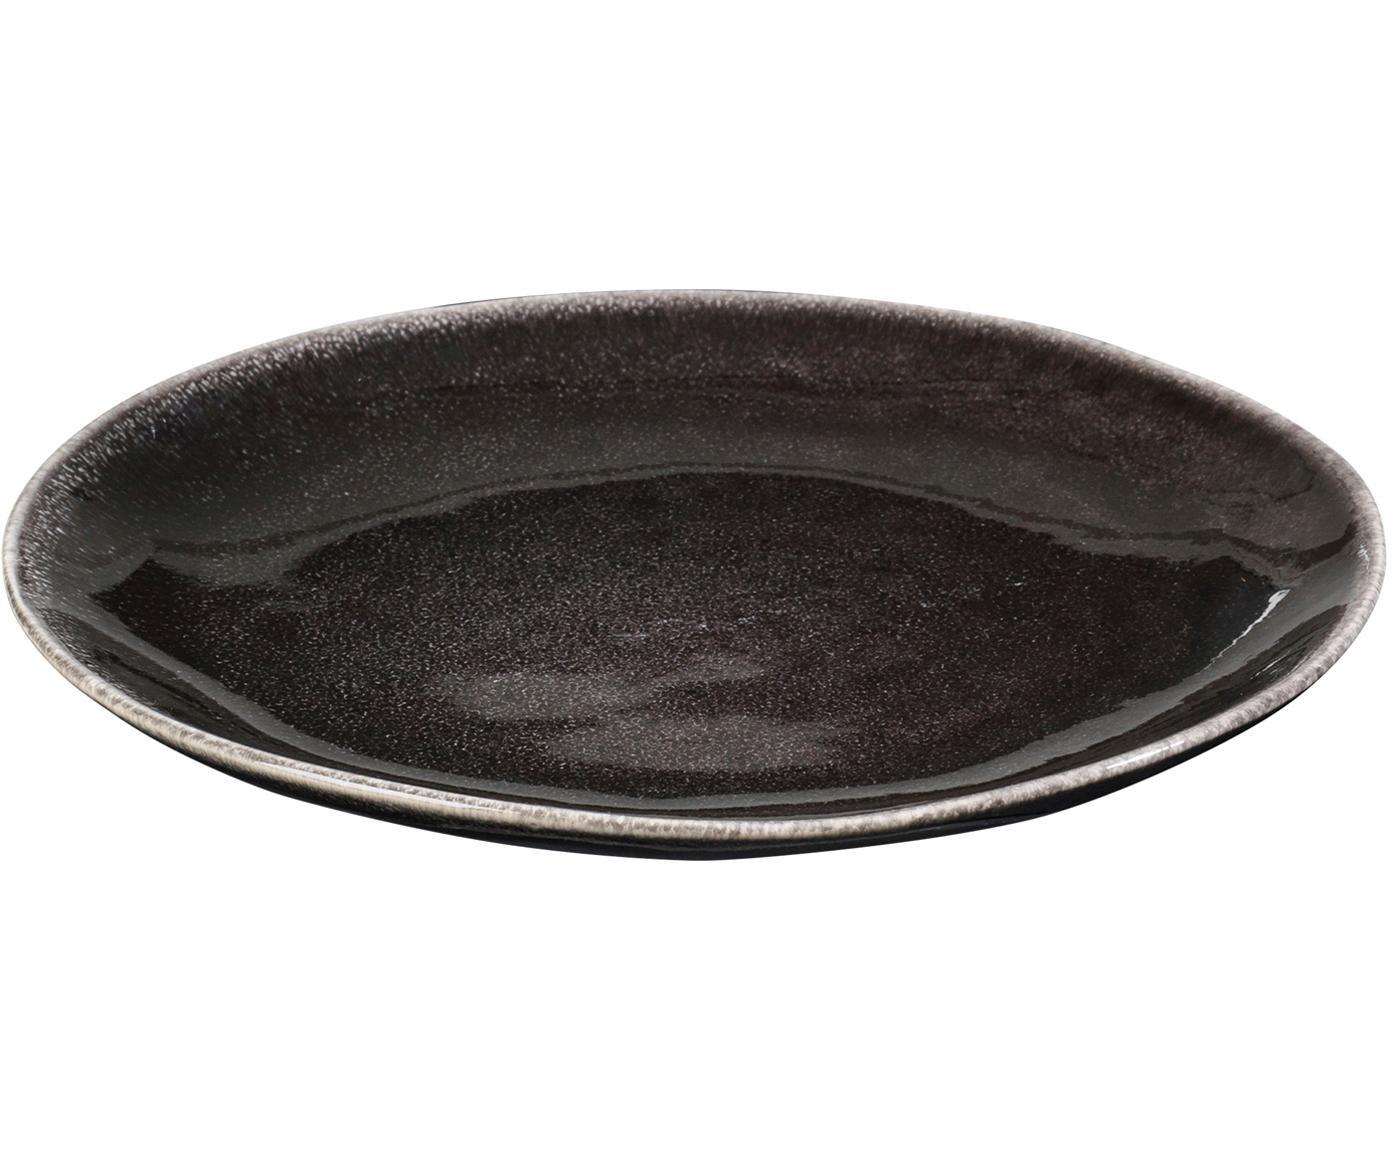 Ręcznie wykonany talerz śniadaniowy Nordic Coal, 4 szt., Kamionka, Brązowy, Ø 20 x W 2 cm